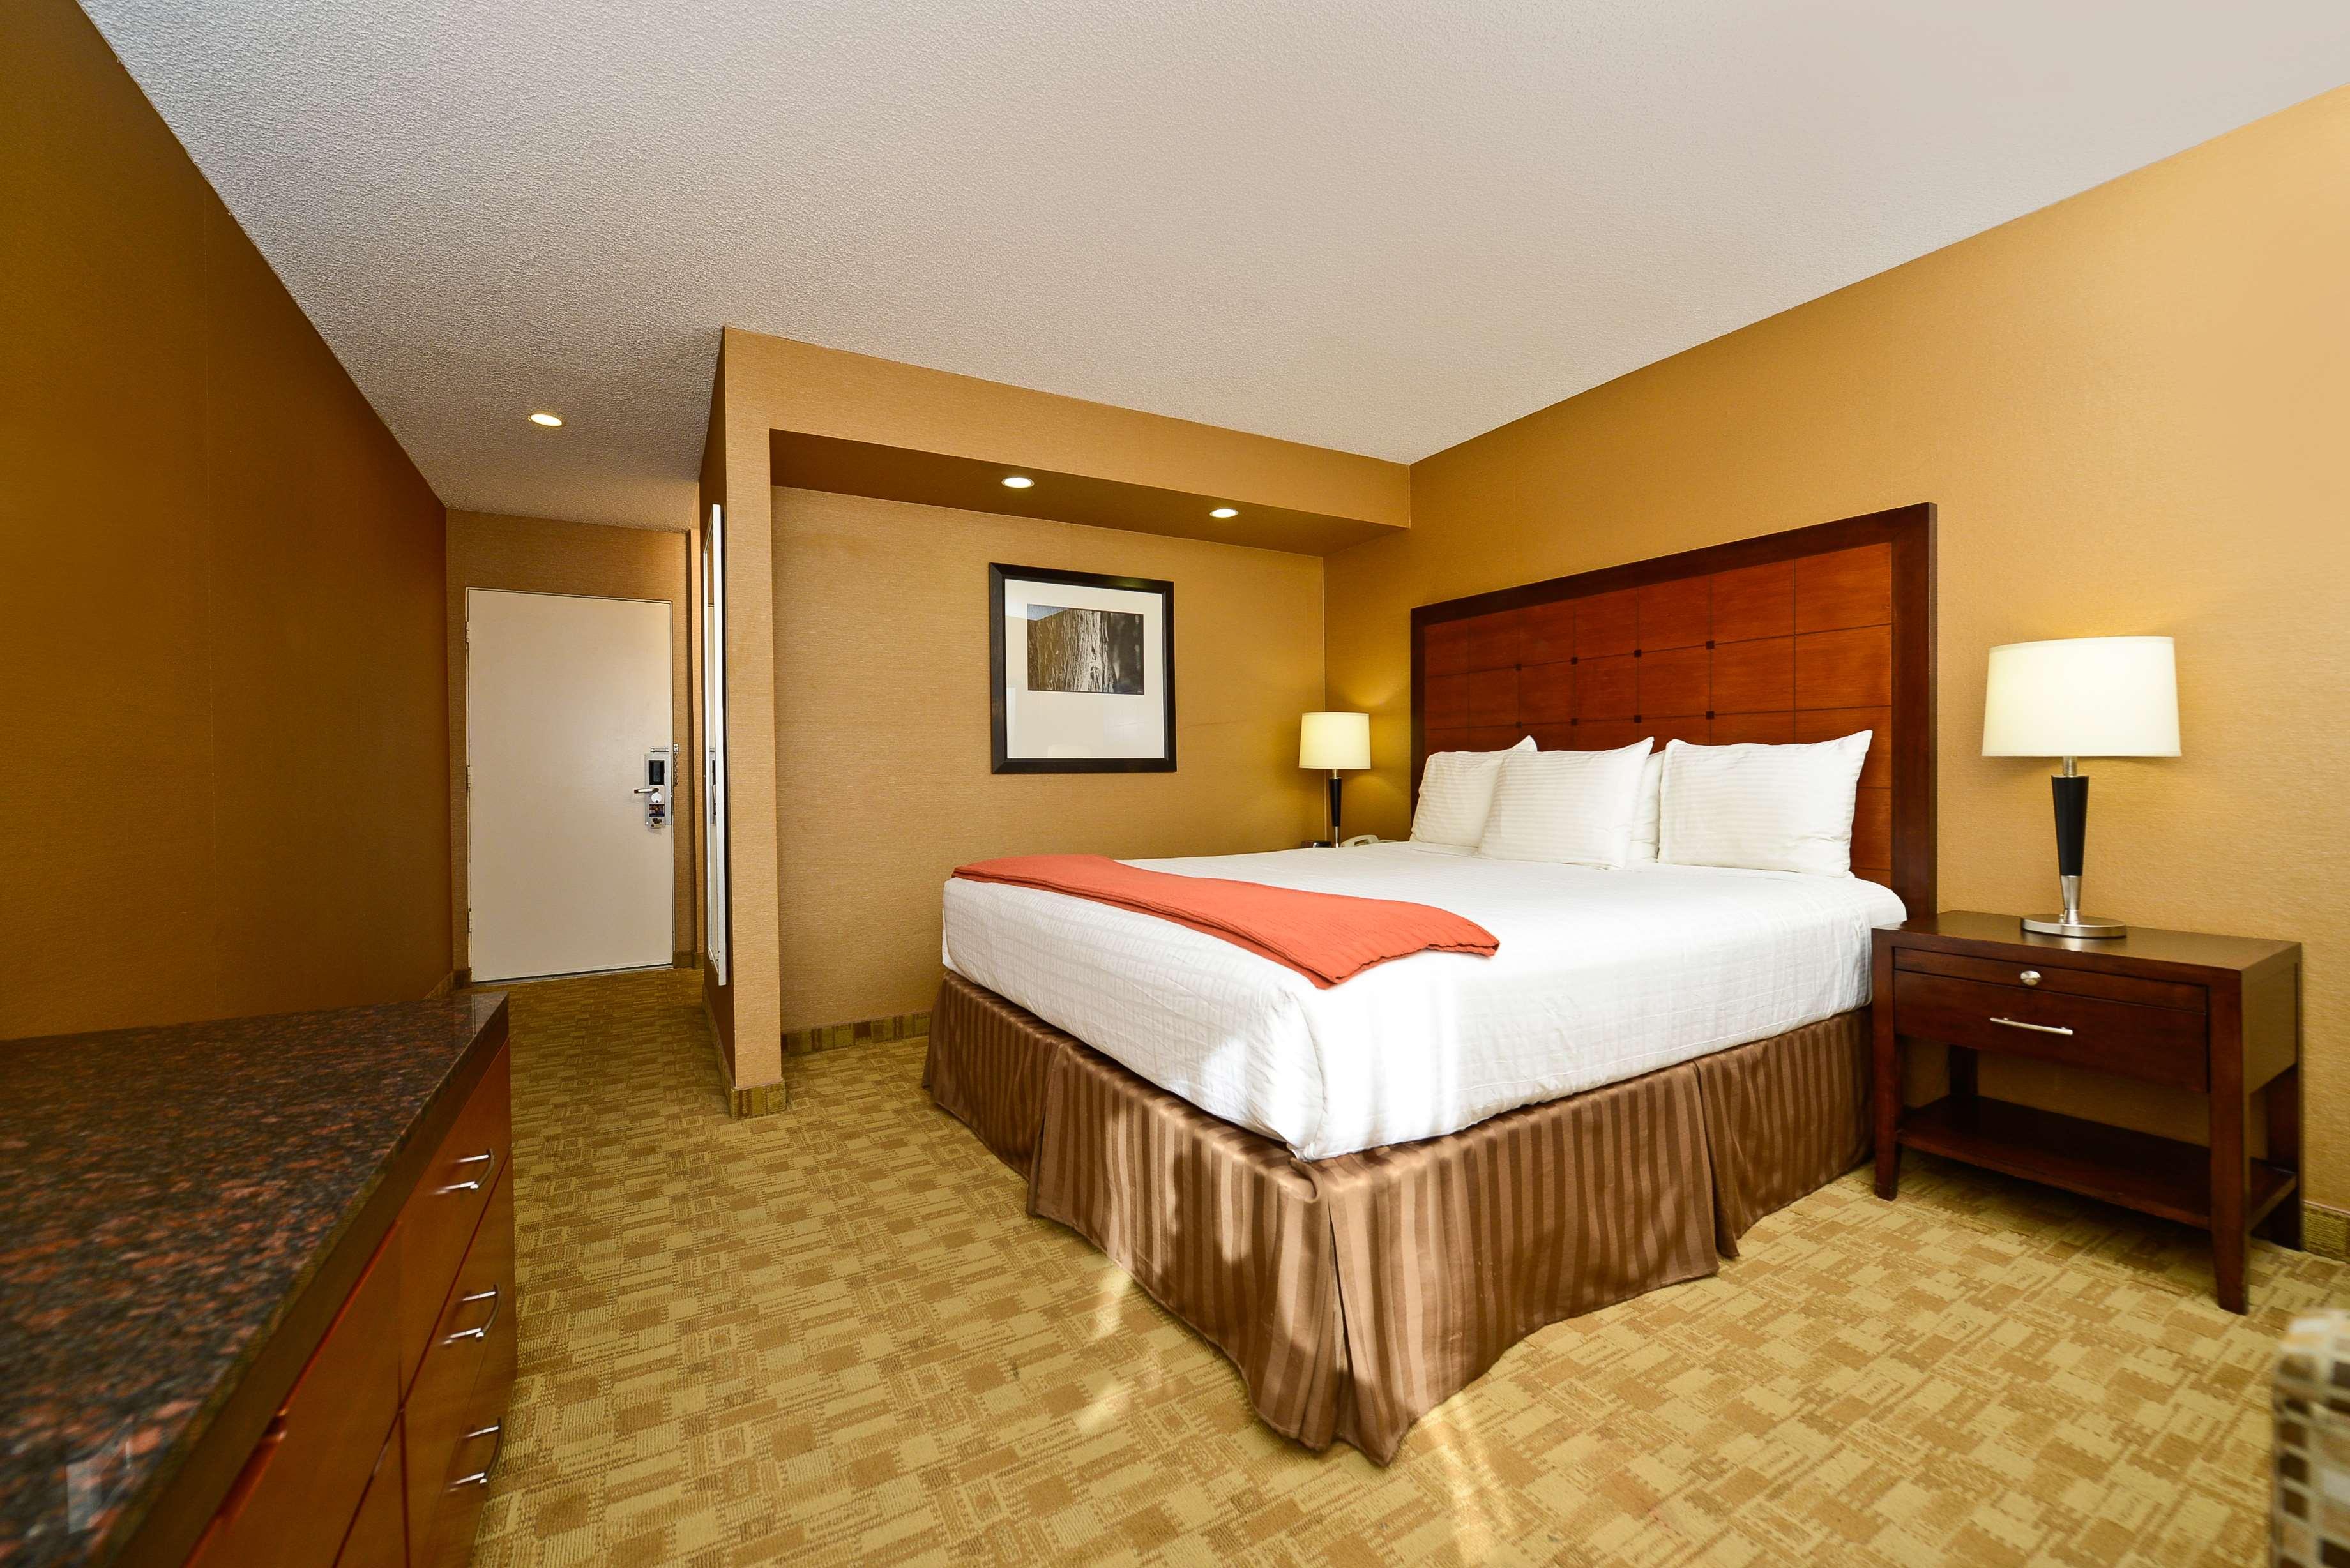 Best Western Inn at Palm Springs image 11